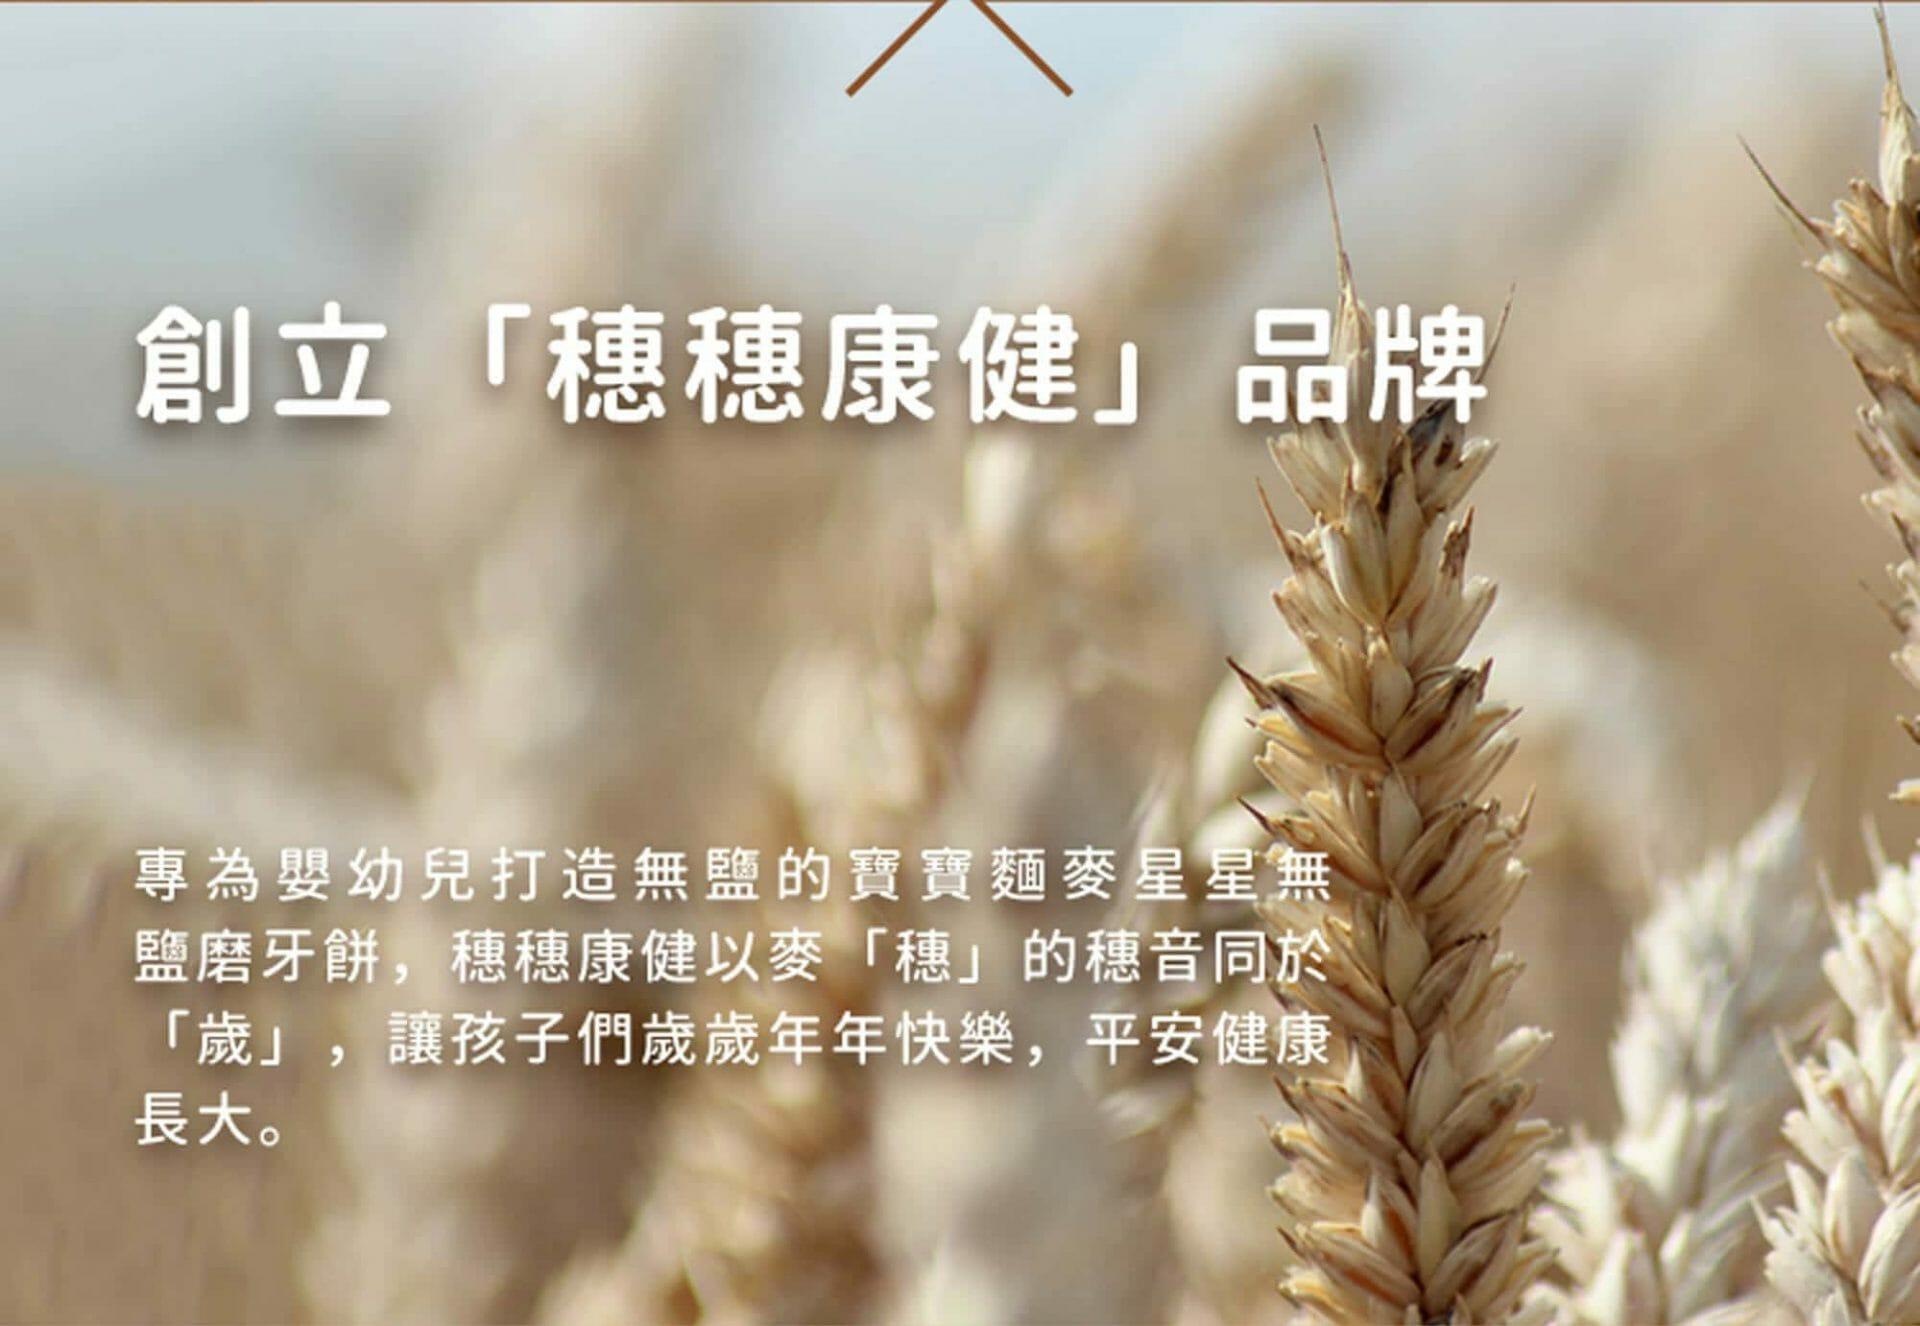 穗穗康健的品牌含意,專為嬰幼兒打造的無添加副食品,以麥「穗」的穗音同於「穗」,期望孩子們歲歲年年快樂,平安健康長大。